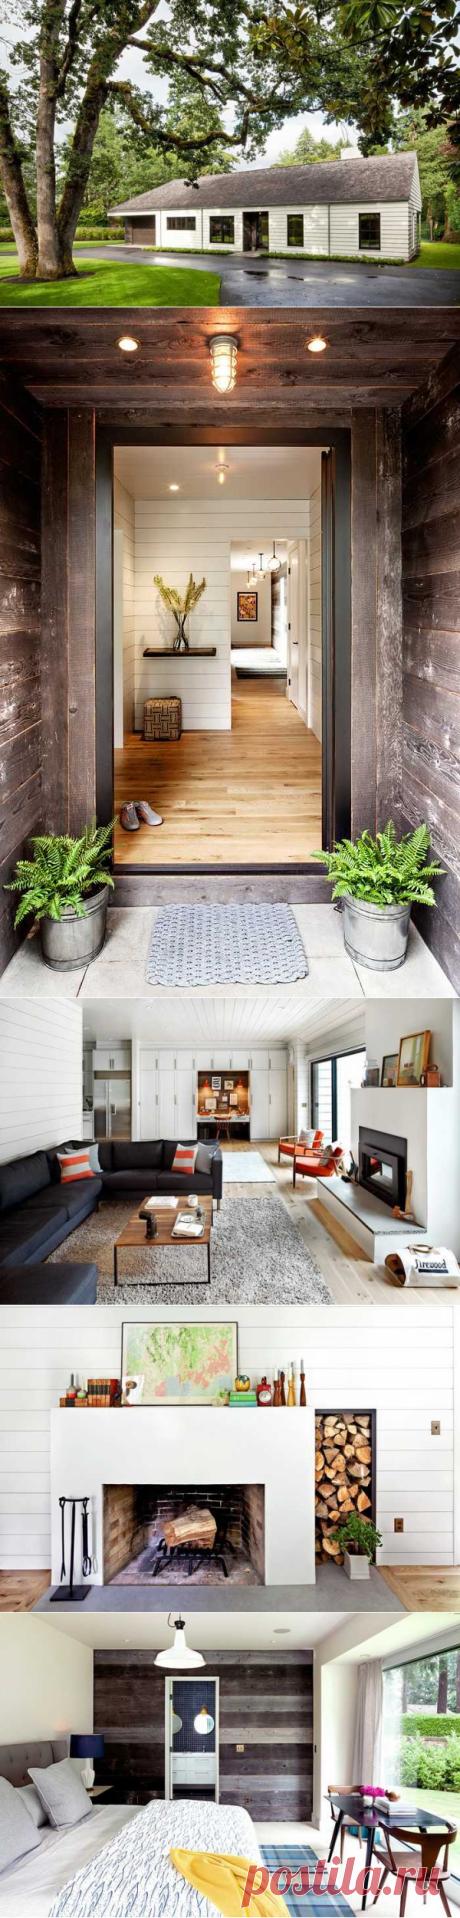 〚 Милый одноэтажный домик в Портленде 〛 ◾ Фото ◾Идеи◾ Дизайн